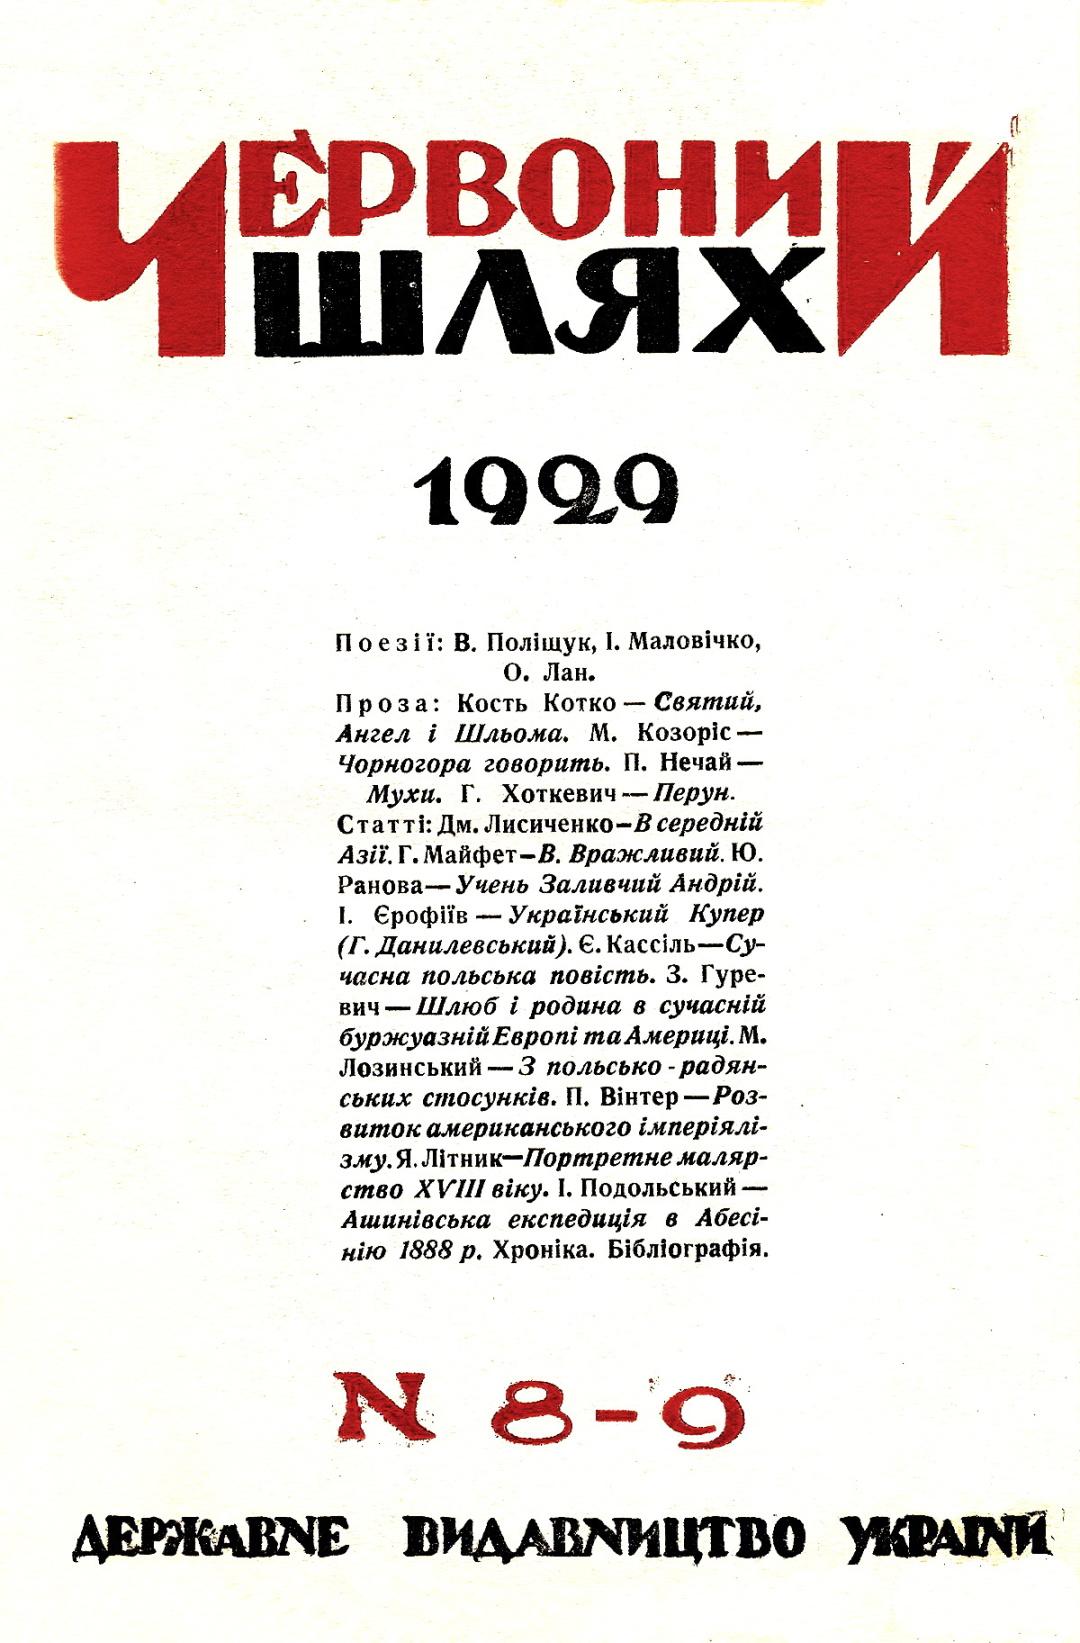 """обкладинка часопису """"Червоний шлях"""", 1922 р."""